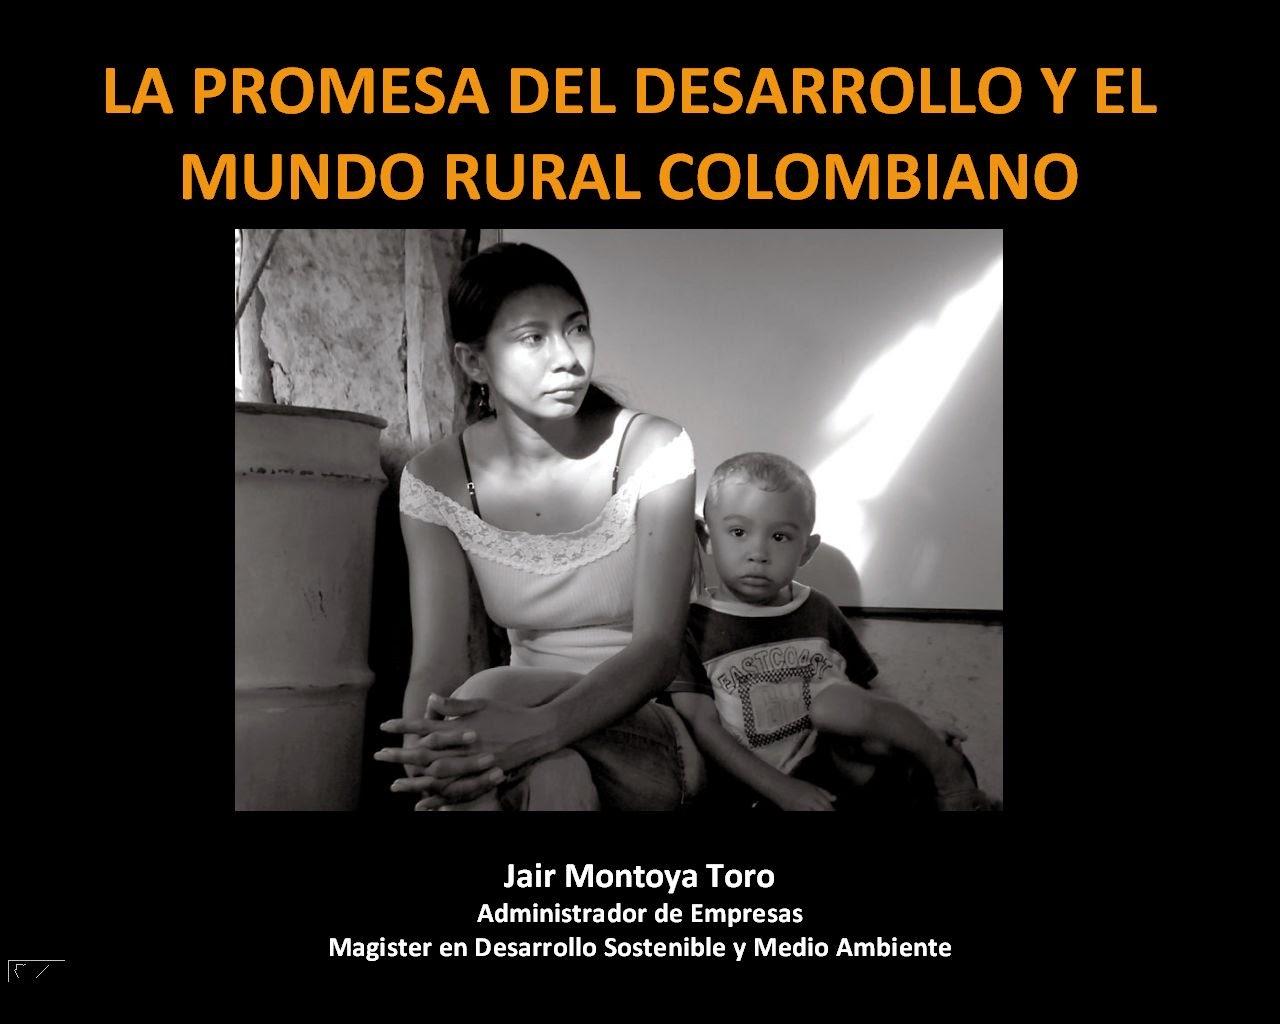 Ir a la presentación completa del seminario: La promesa del desarrollo y el mundo rural colombiano